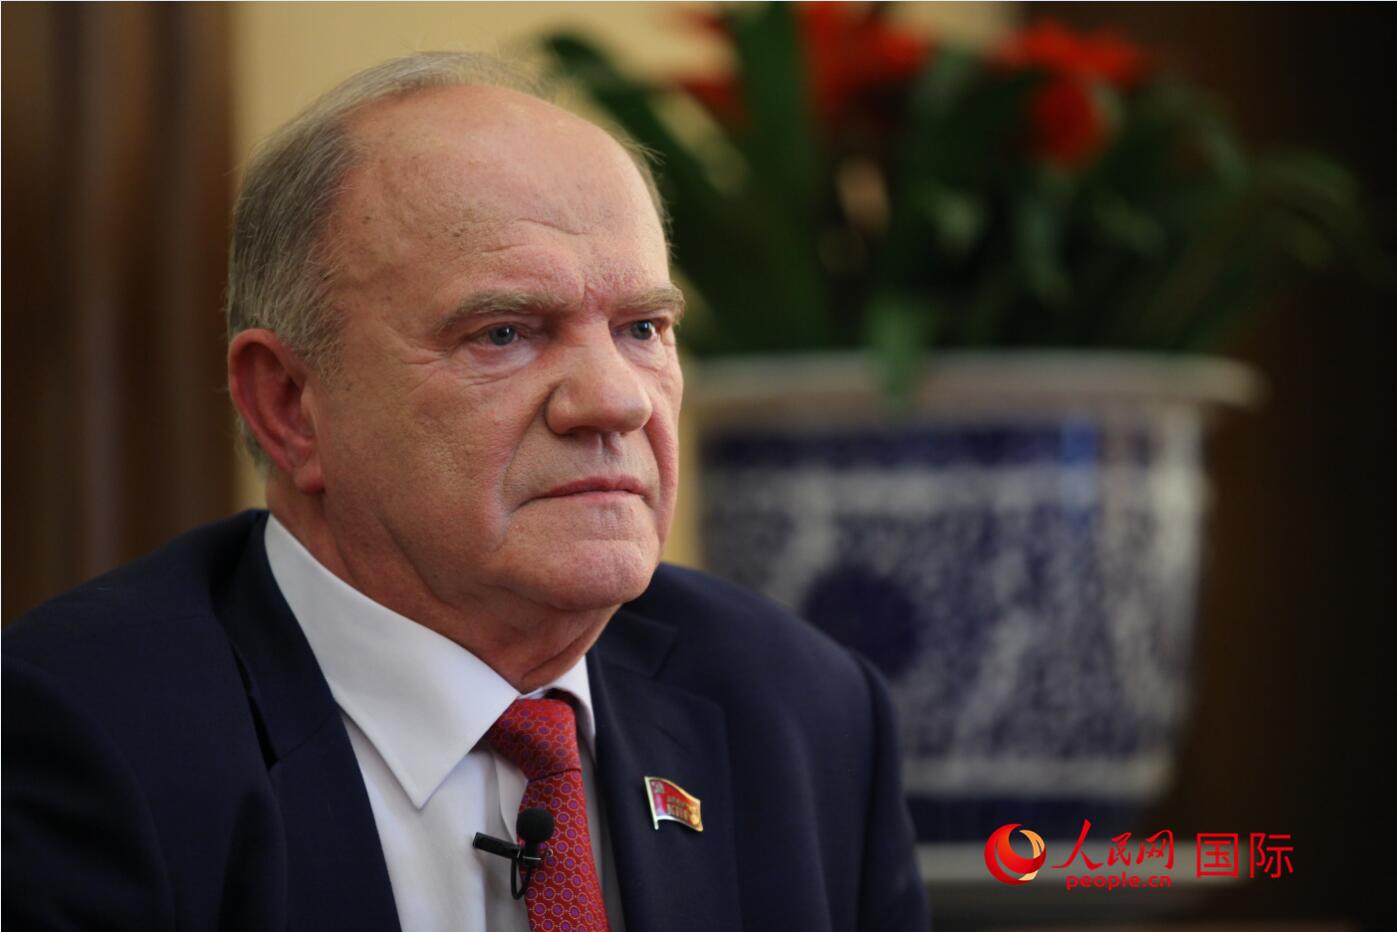 俄共主席久加诺夫:美借助法案干涉别国内政不可容忍